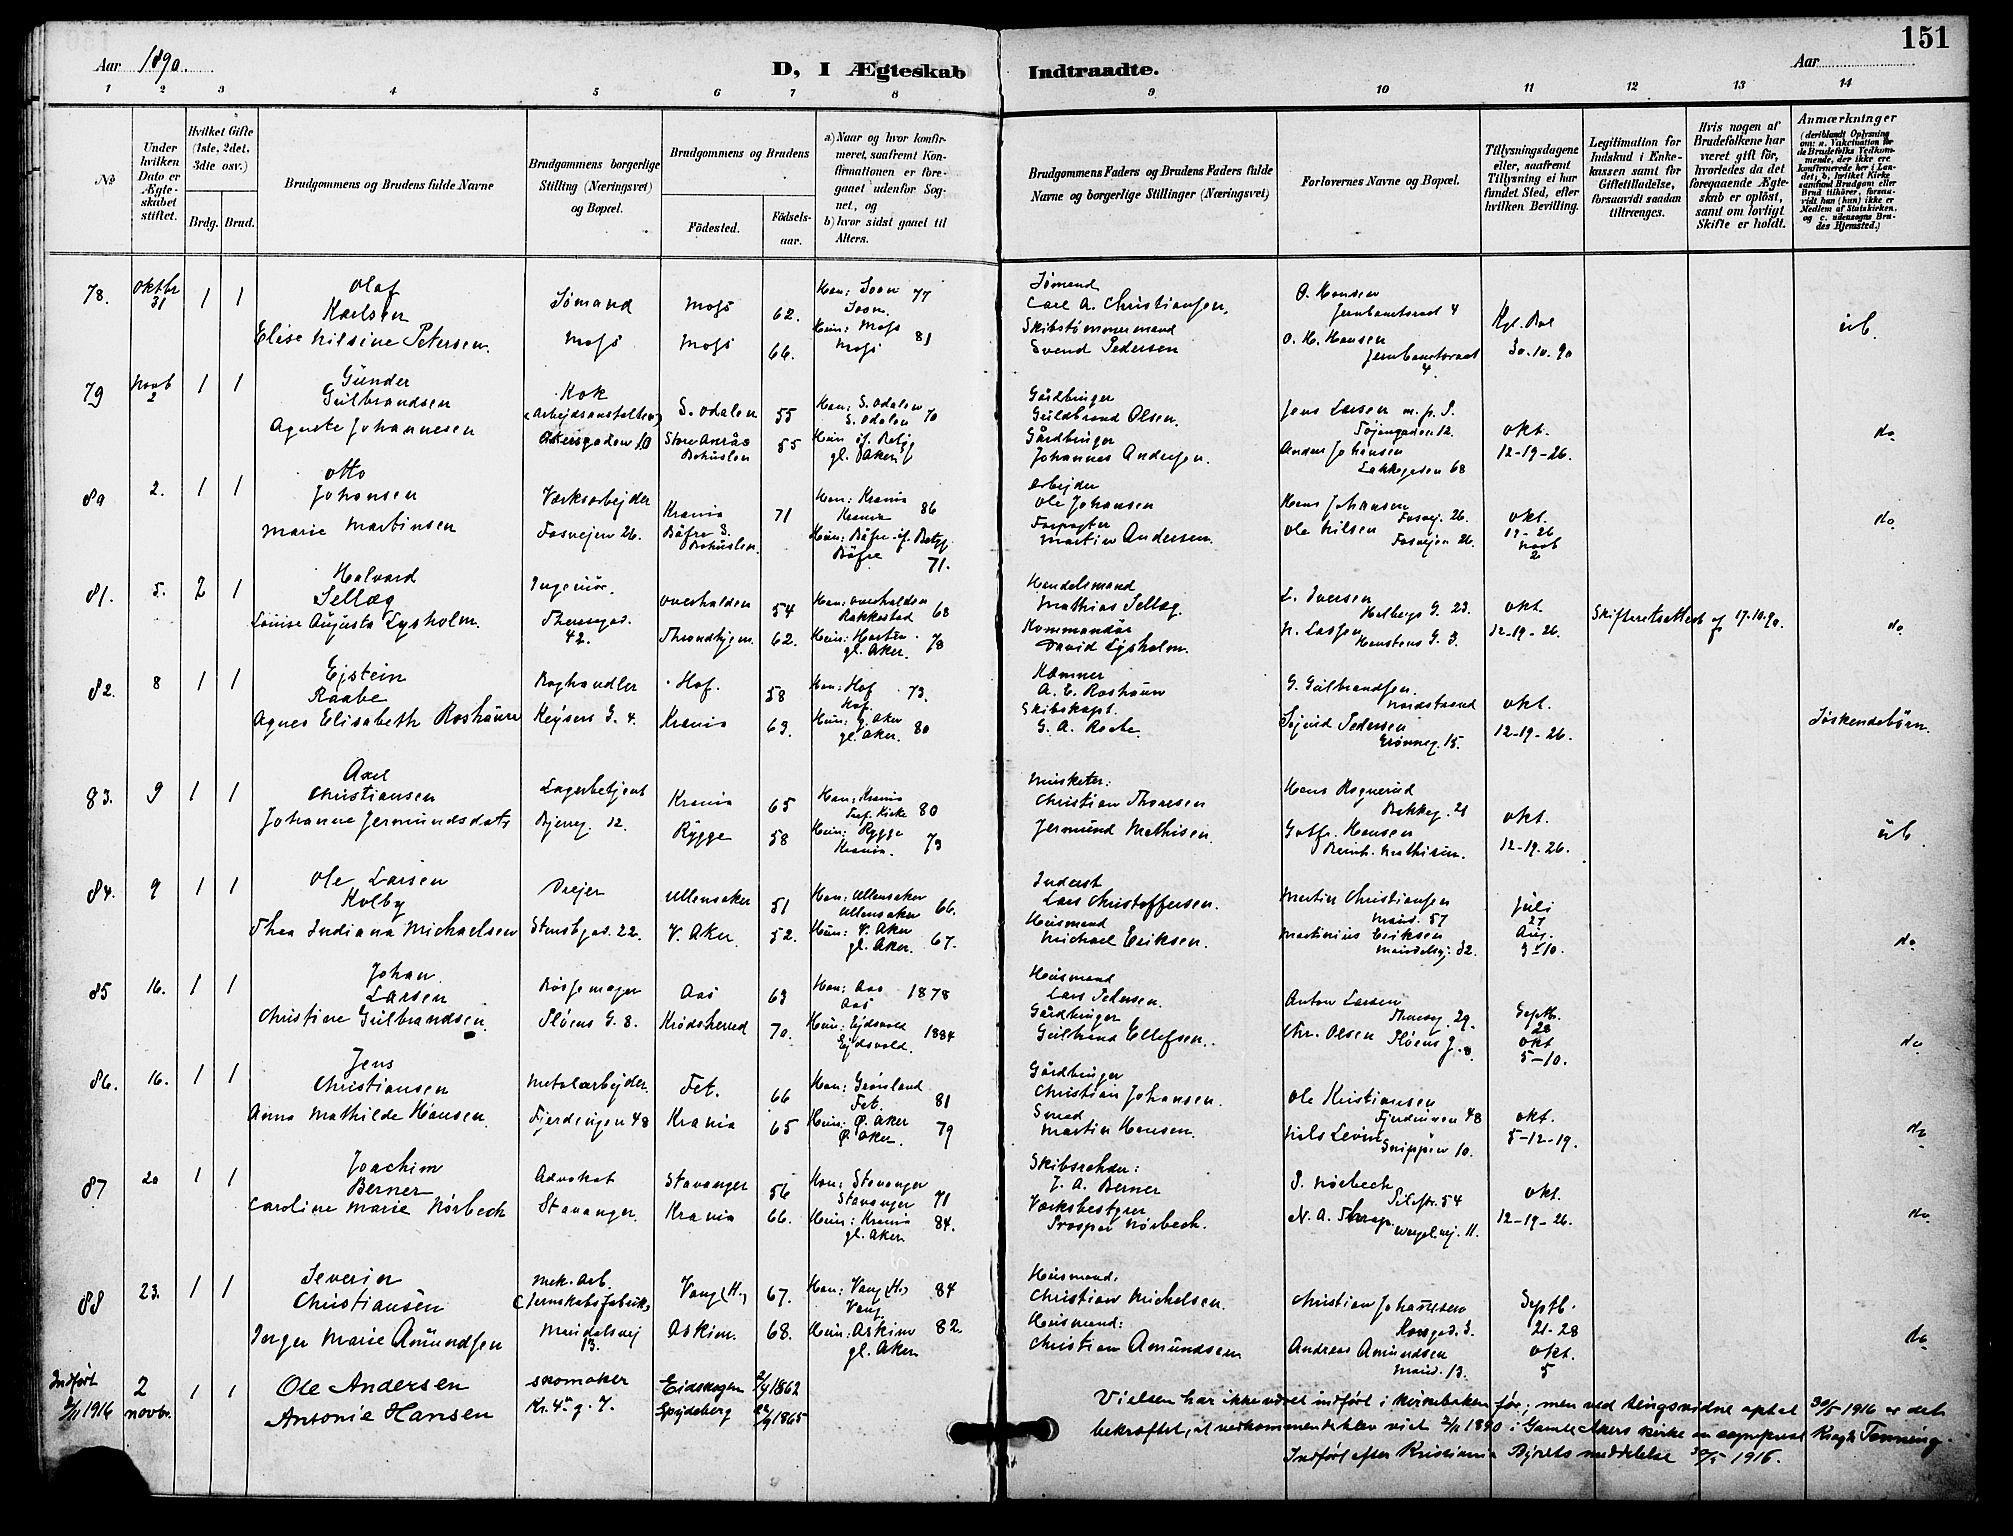 SAO, Gamle Aker prestekontor Kirkebøker, F/L0009: Ministerialbok nr. 9, 1890-1898, s. 151